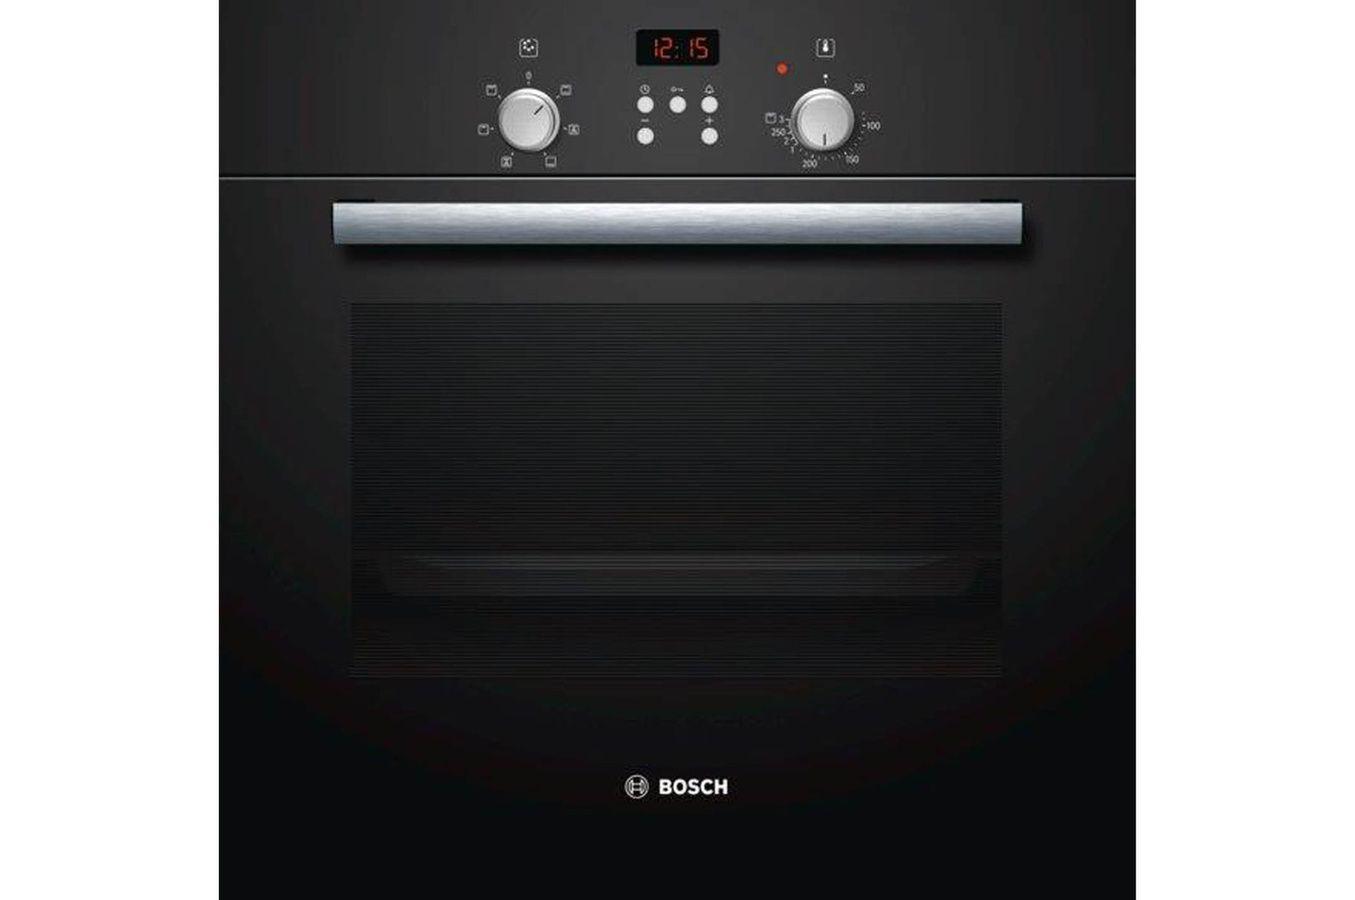 nettoyer interieur porte four beko four encastrable biexcs l chaleur brasse nettoyage catalyse. Black Bedroom Furniture Sets. Home Design Ideas